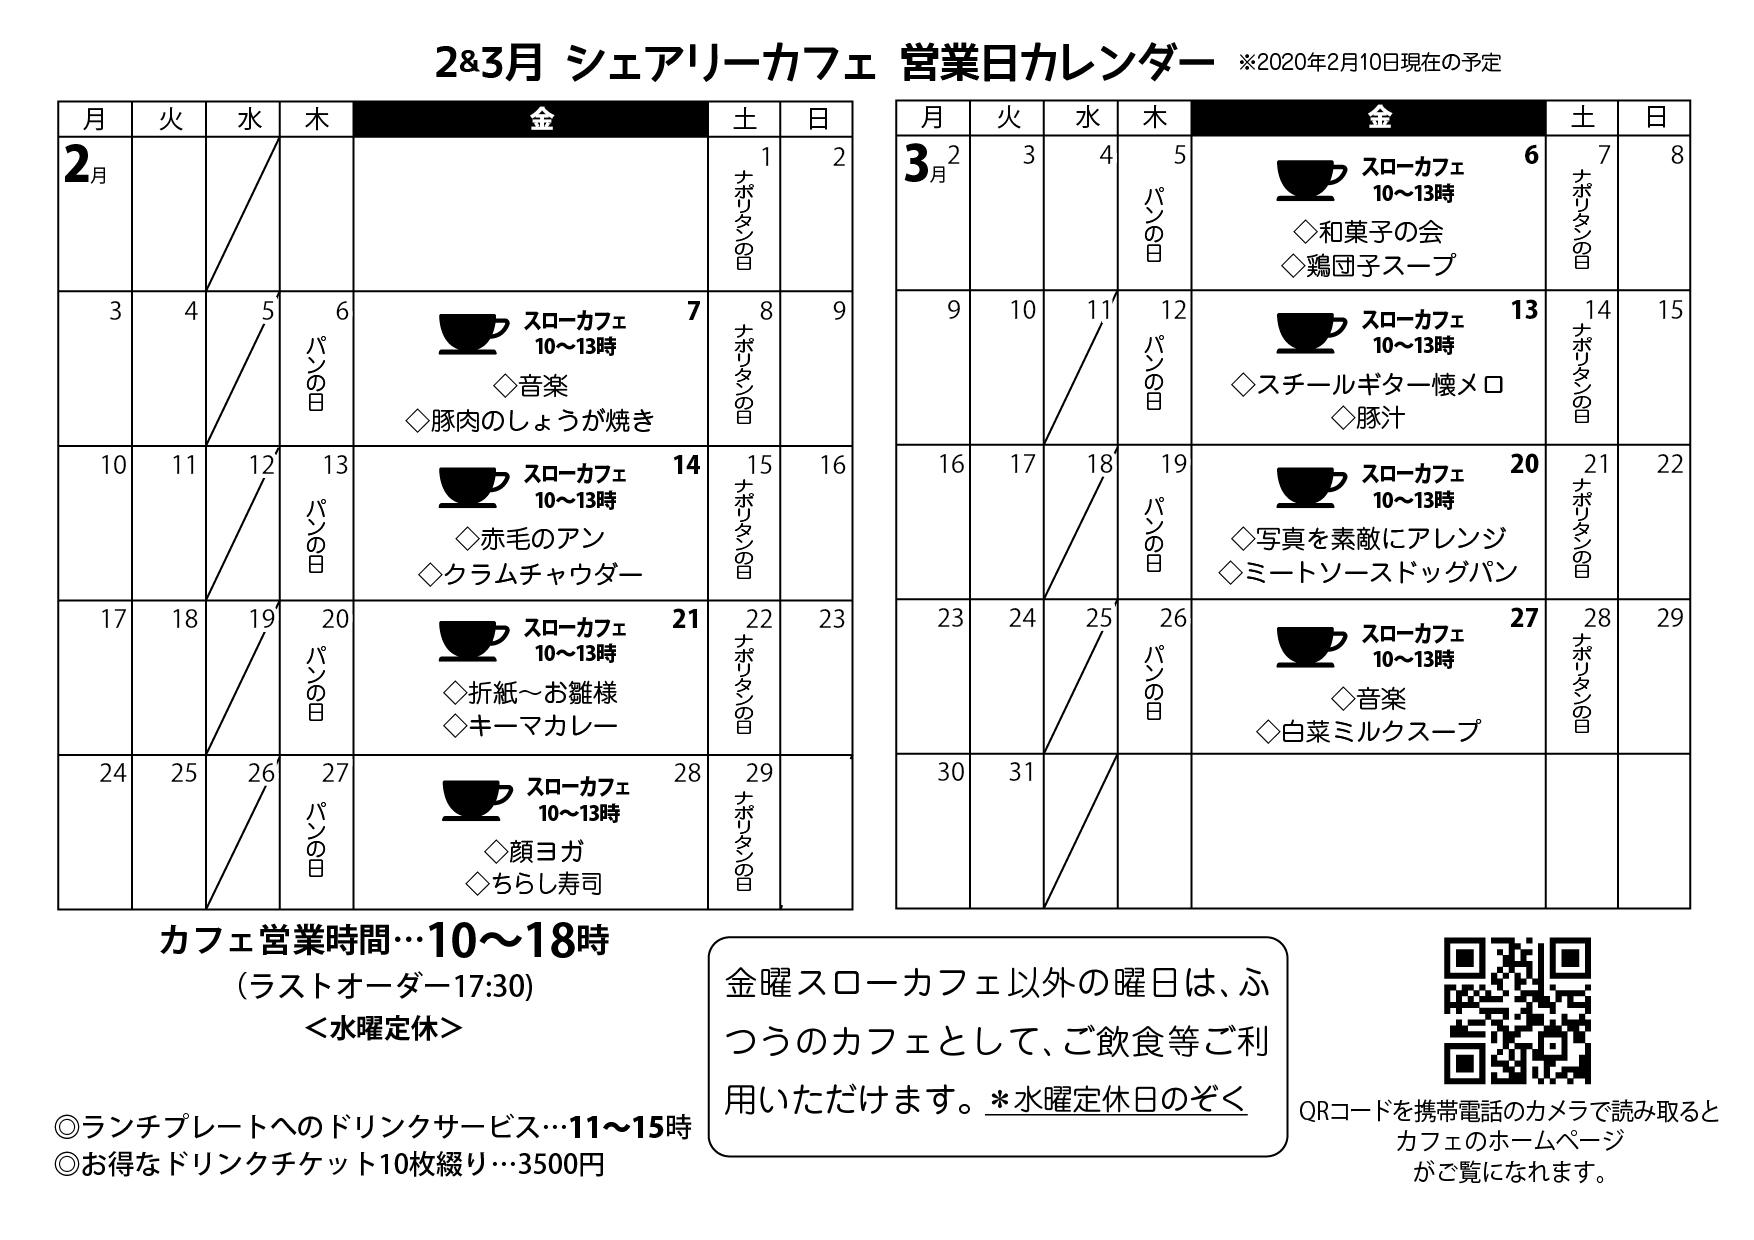 スローカフェ都筑 2020年2-3月スケジュールカレンダー